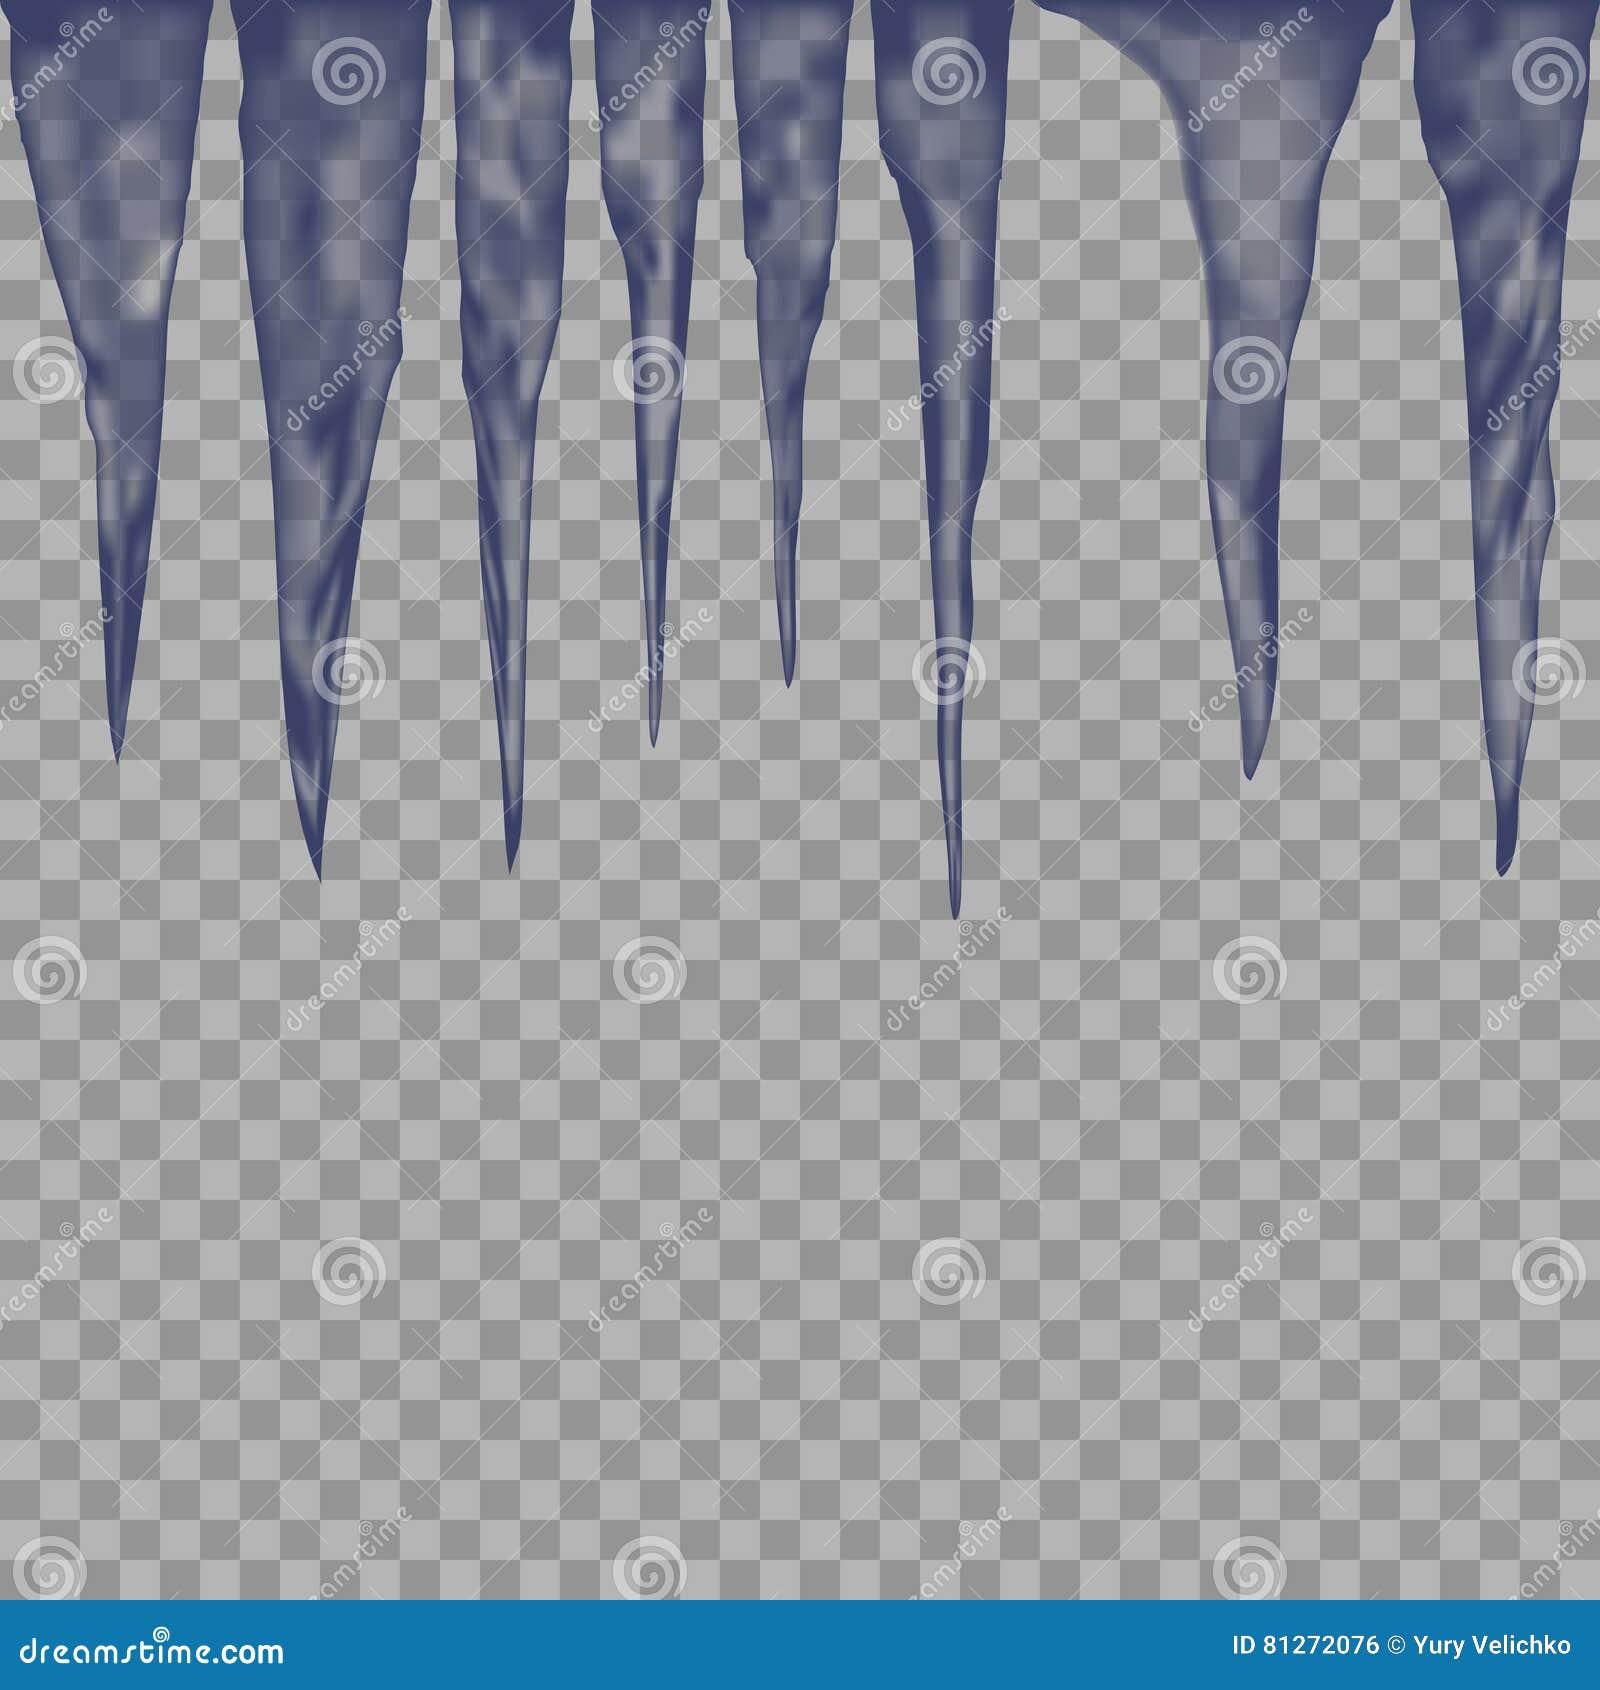 Wiszący półprzezroczyści sople w błękitnych kolorach na przejrzystym tle